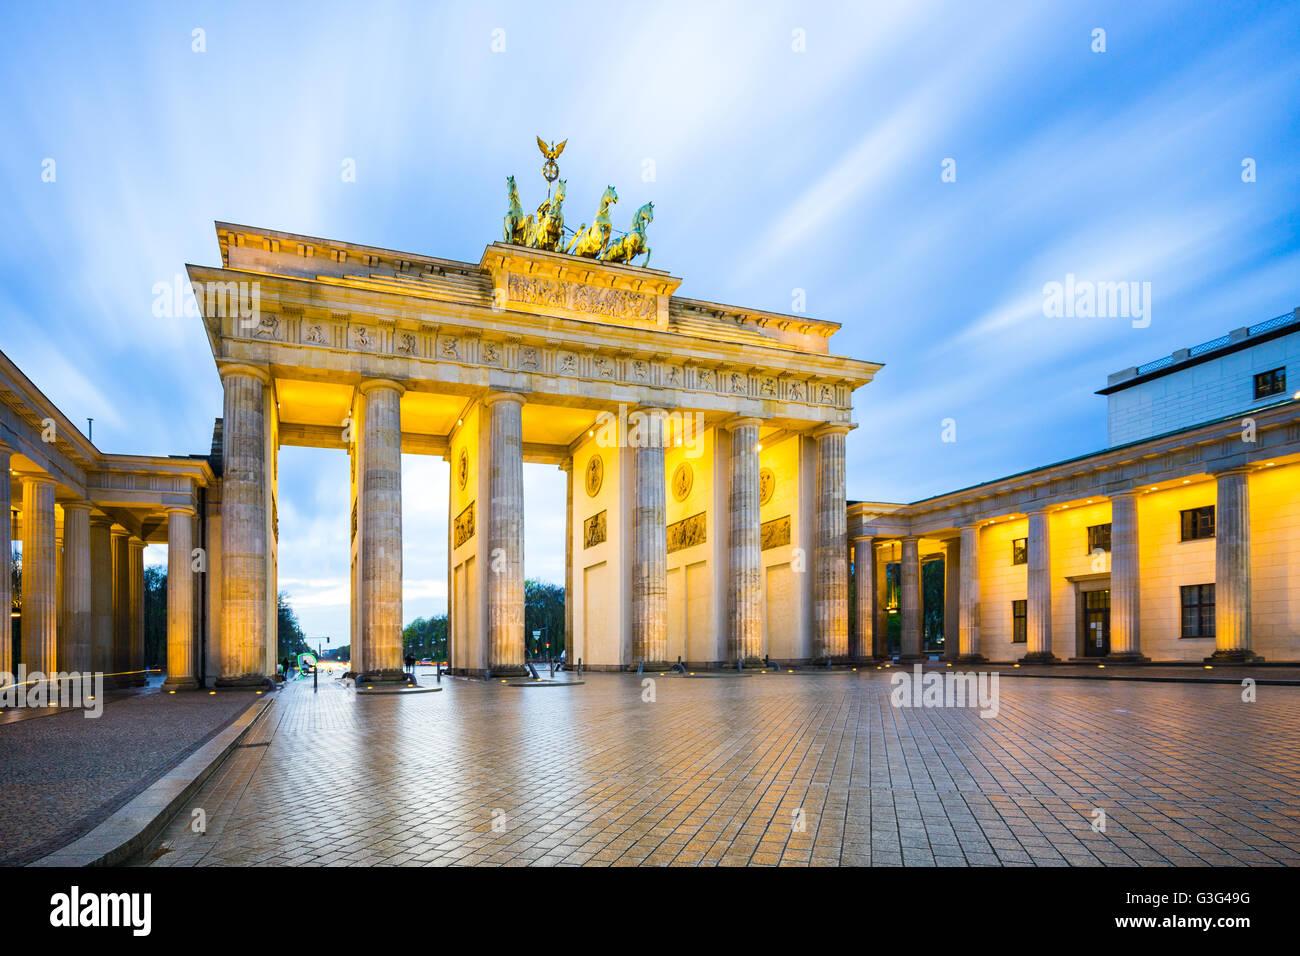 Nuit à la porte de Brandebourg à Berlin, Allemagne. Photo Stock